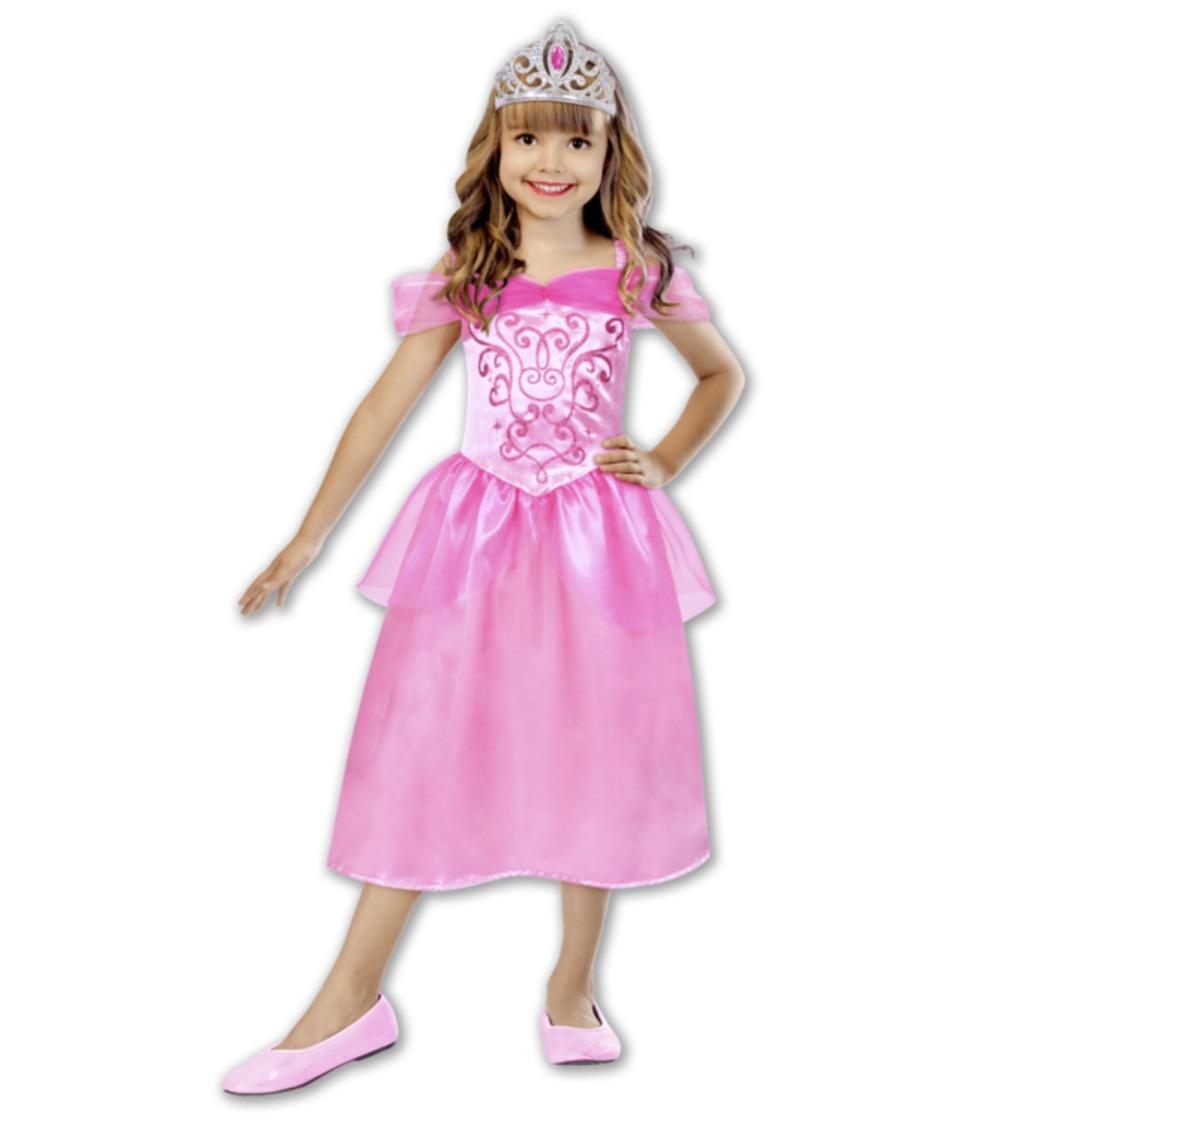 Bild 4 von Karnevalskostüm für Kinder